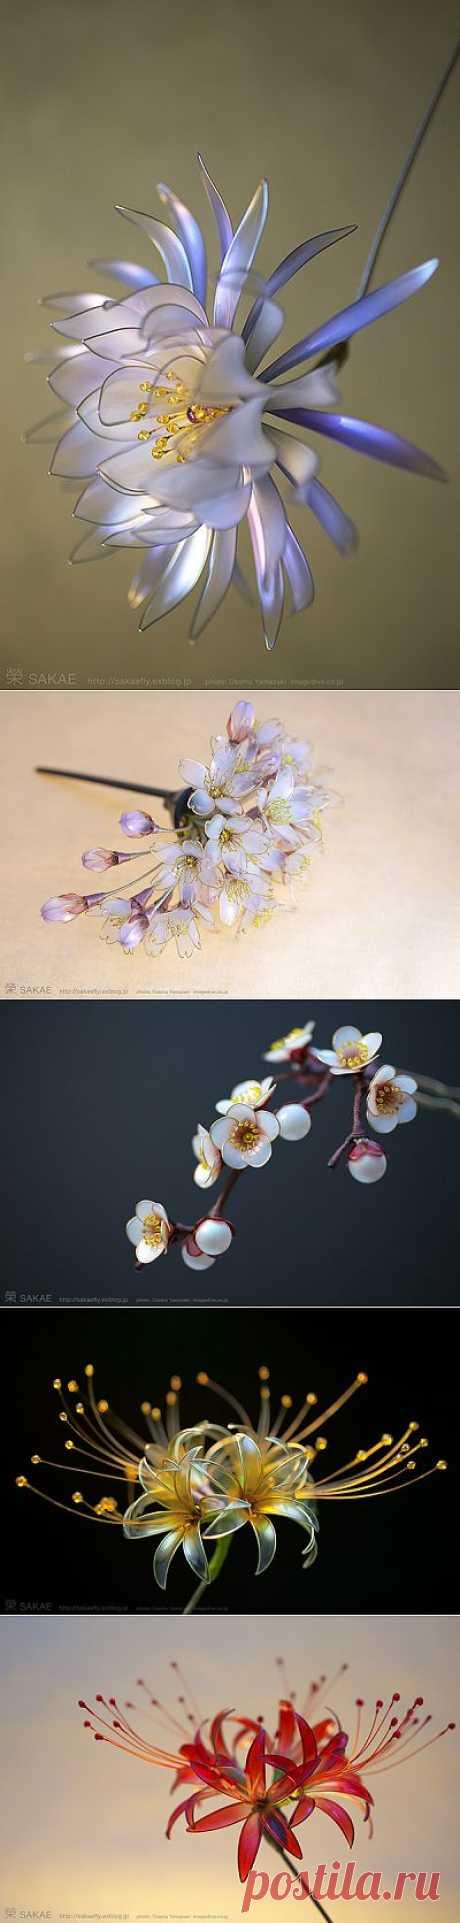 Хрупкая красота от мастера Sakae.